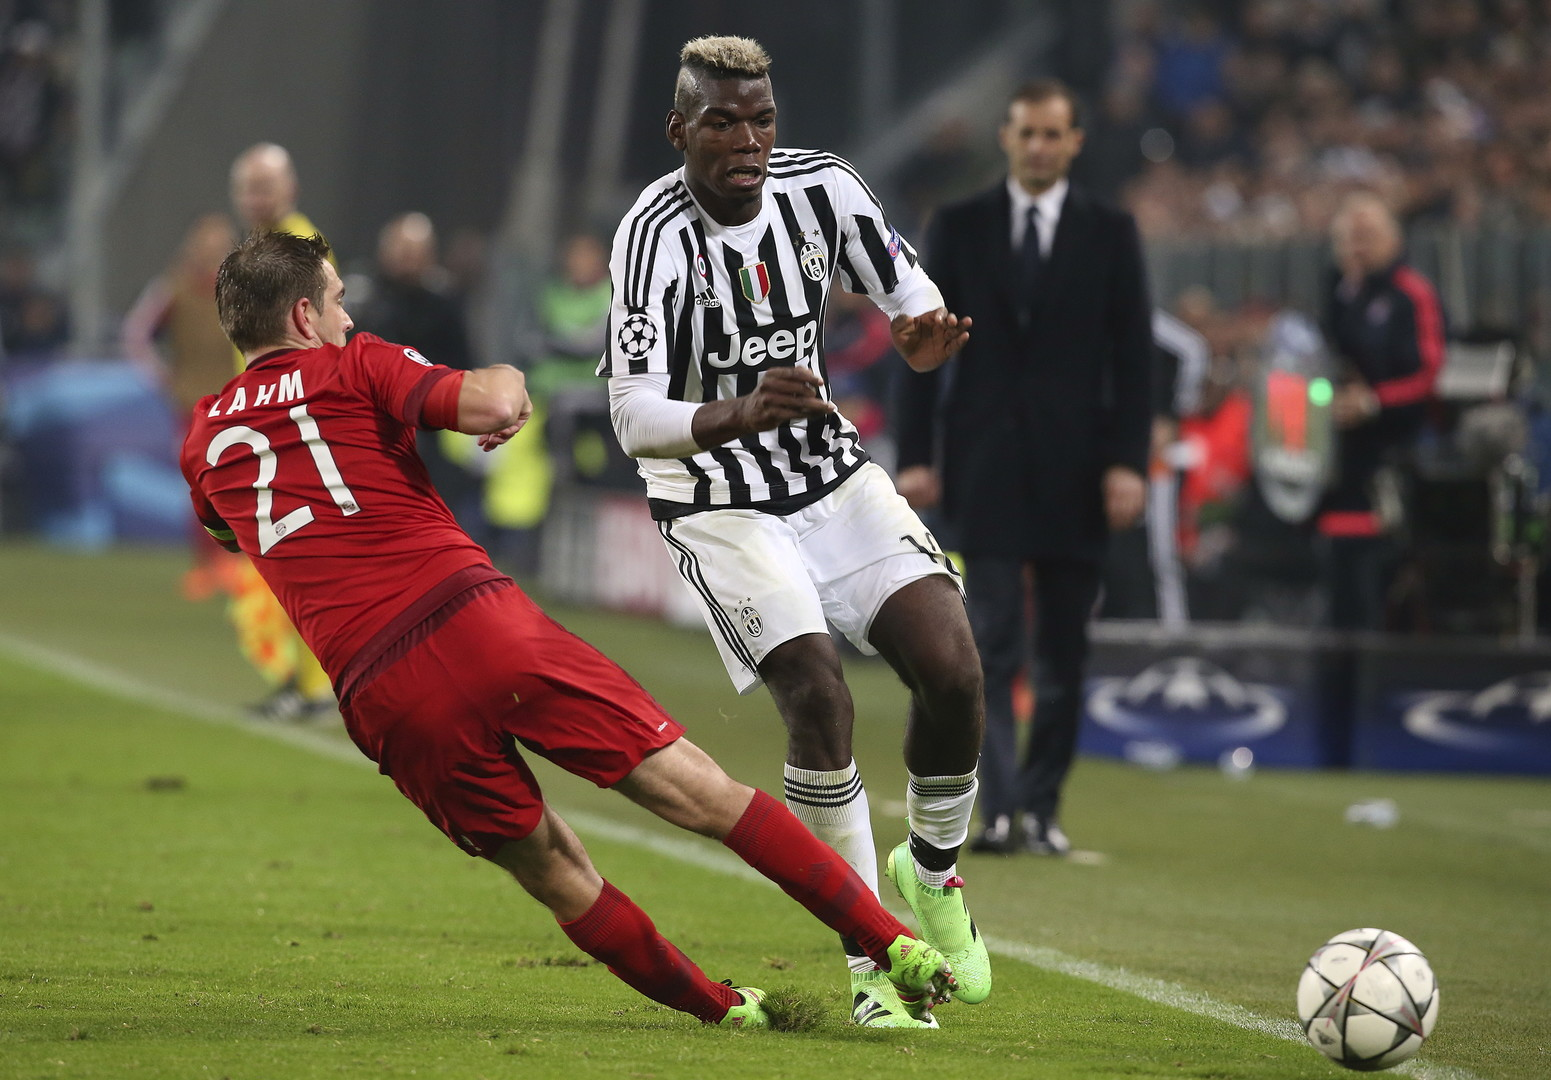 Juves PauL Pogba versucht an Bayern Kapitän Phillip Lahm vorbeizukommen.